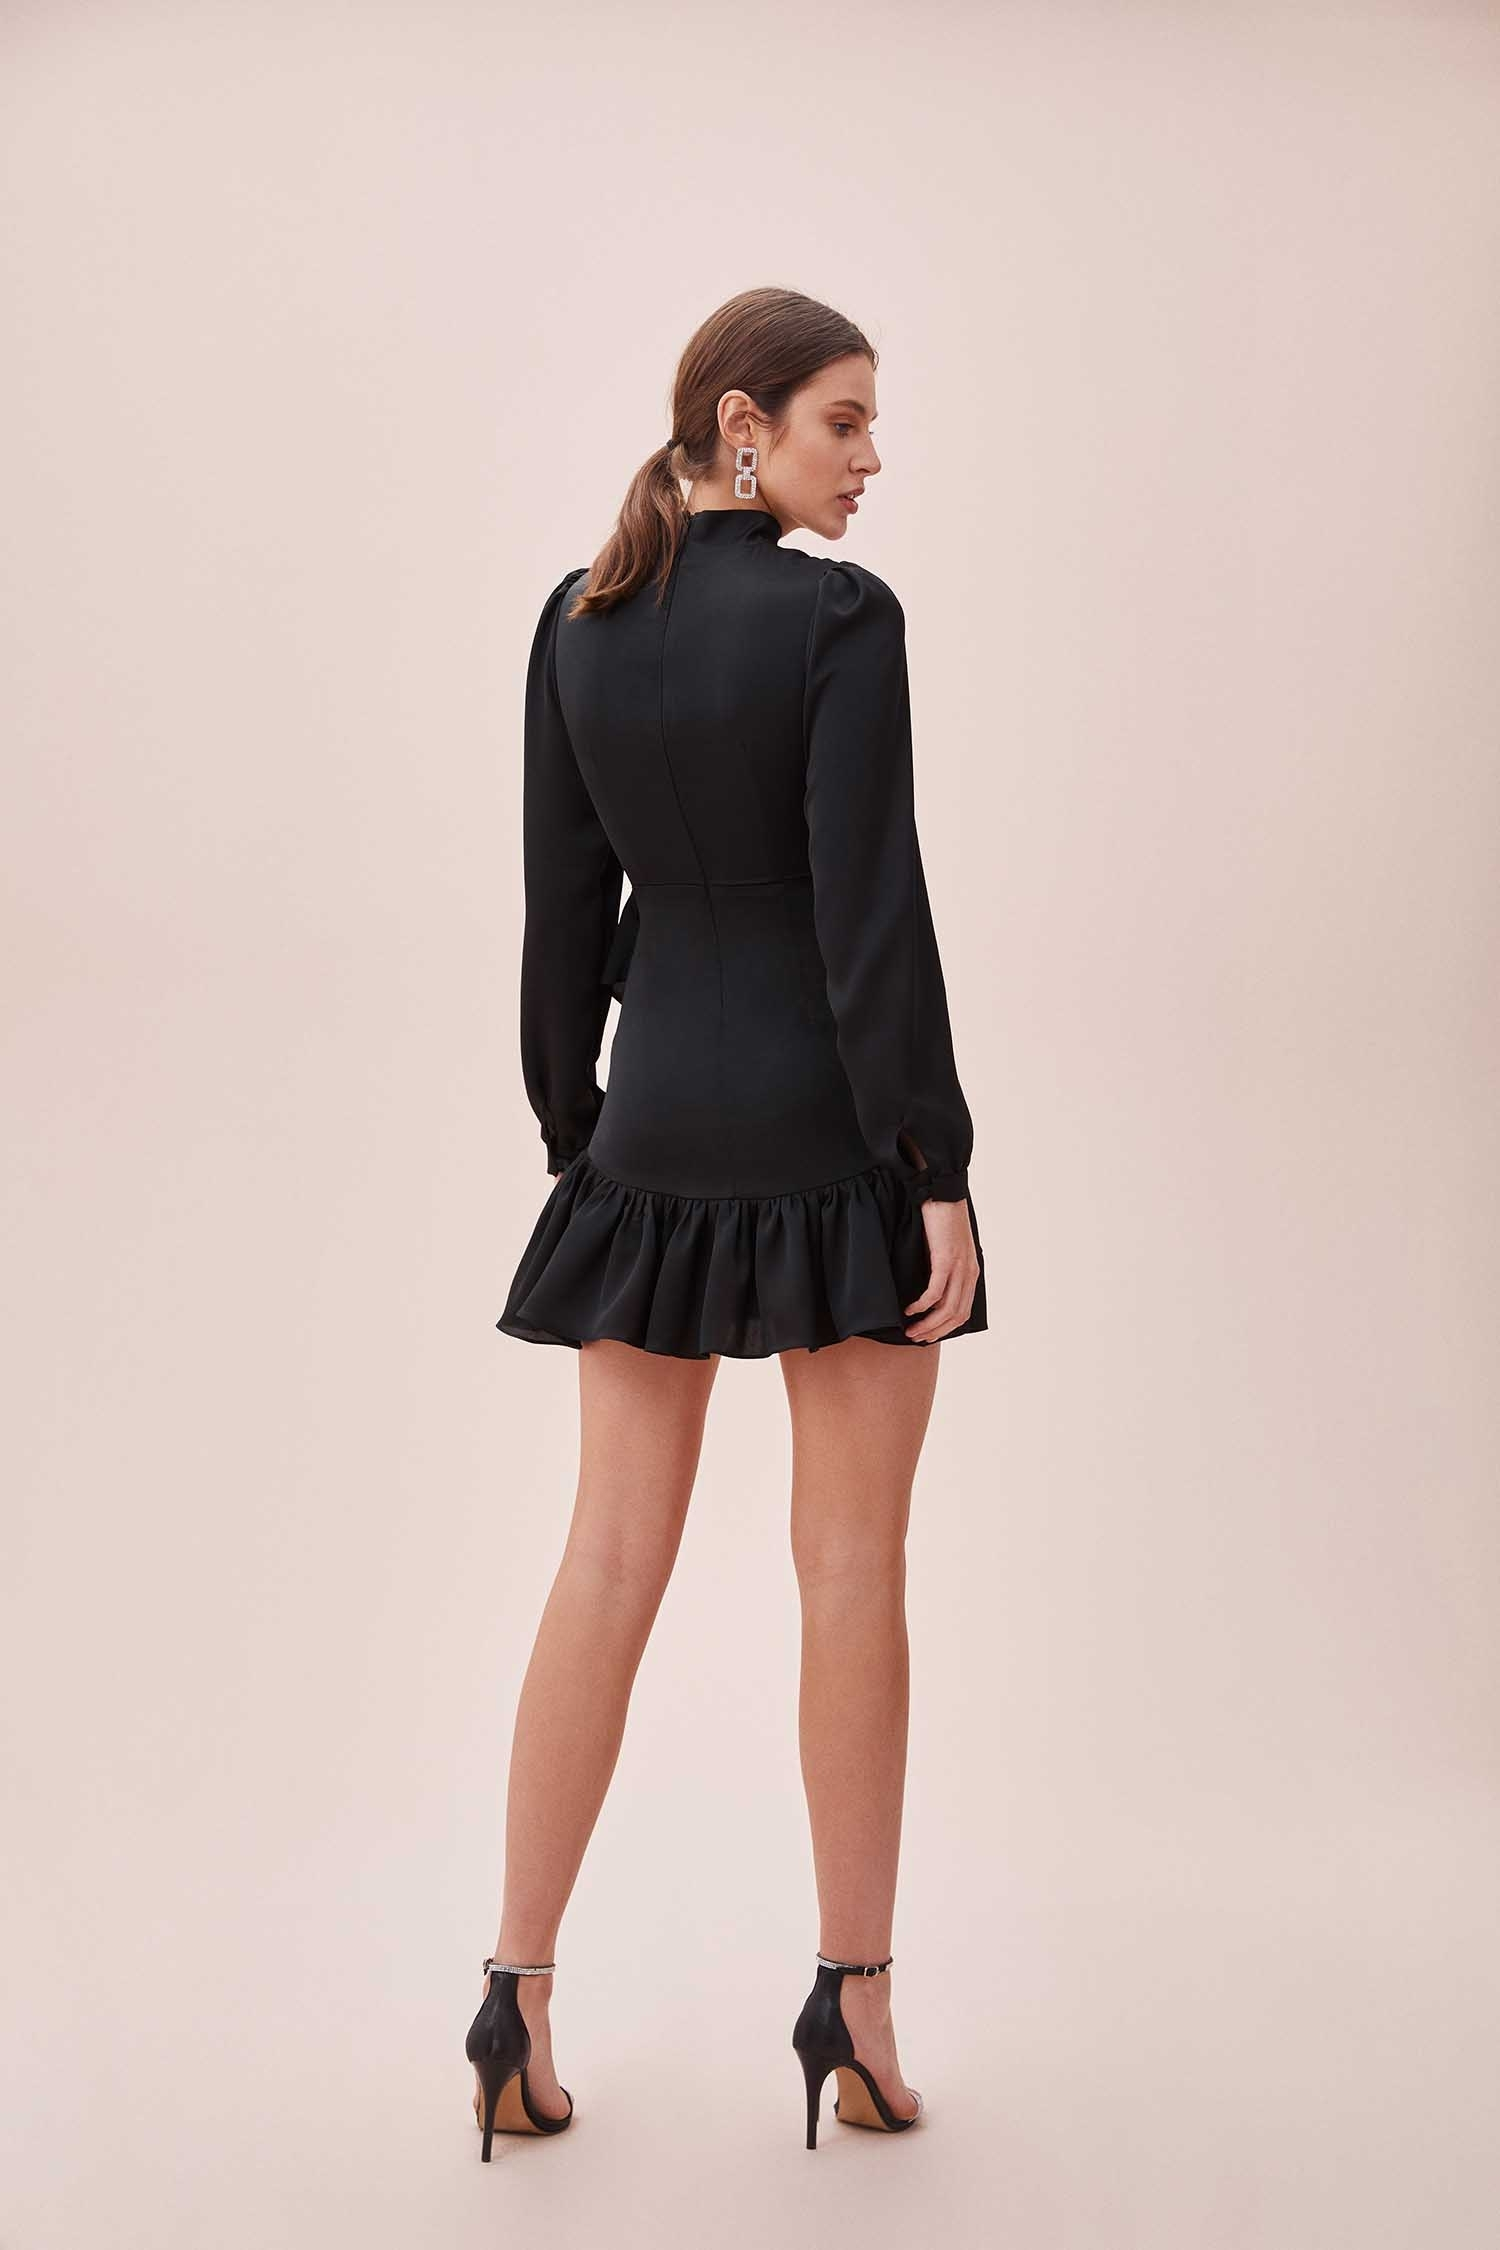 Siyah Yüksek Yaka Uzun Kollu Eteği Fırfırlı Mini Saten Elbise - Thumbnail